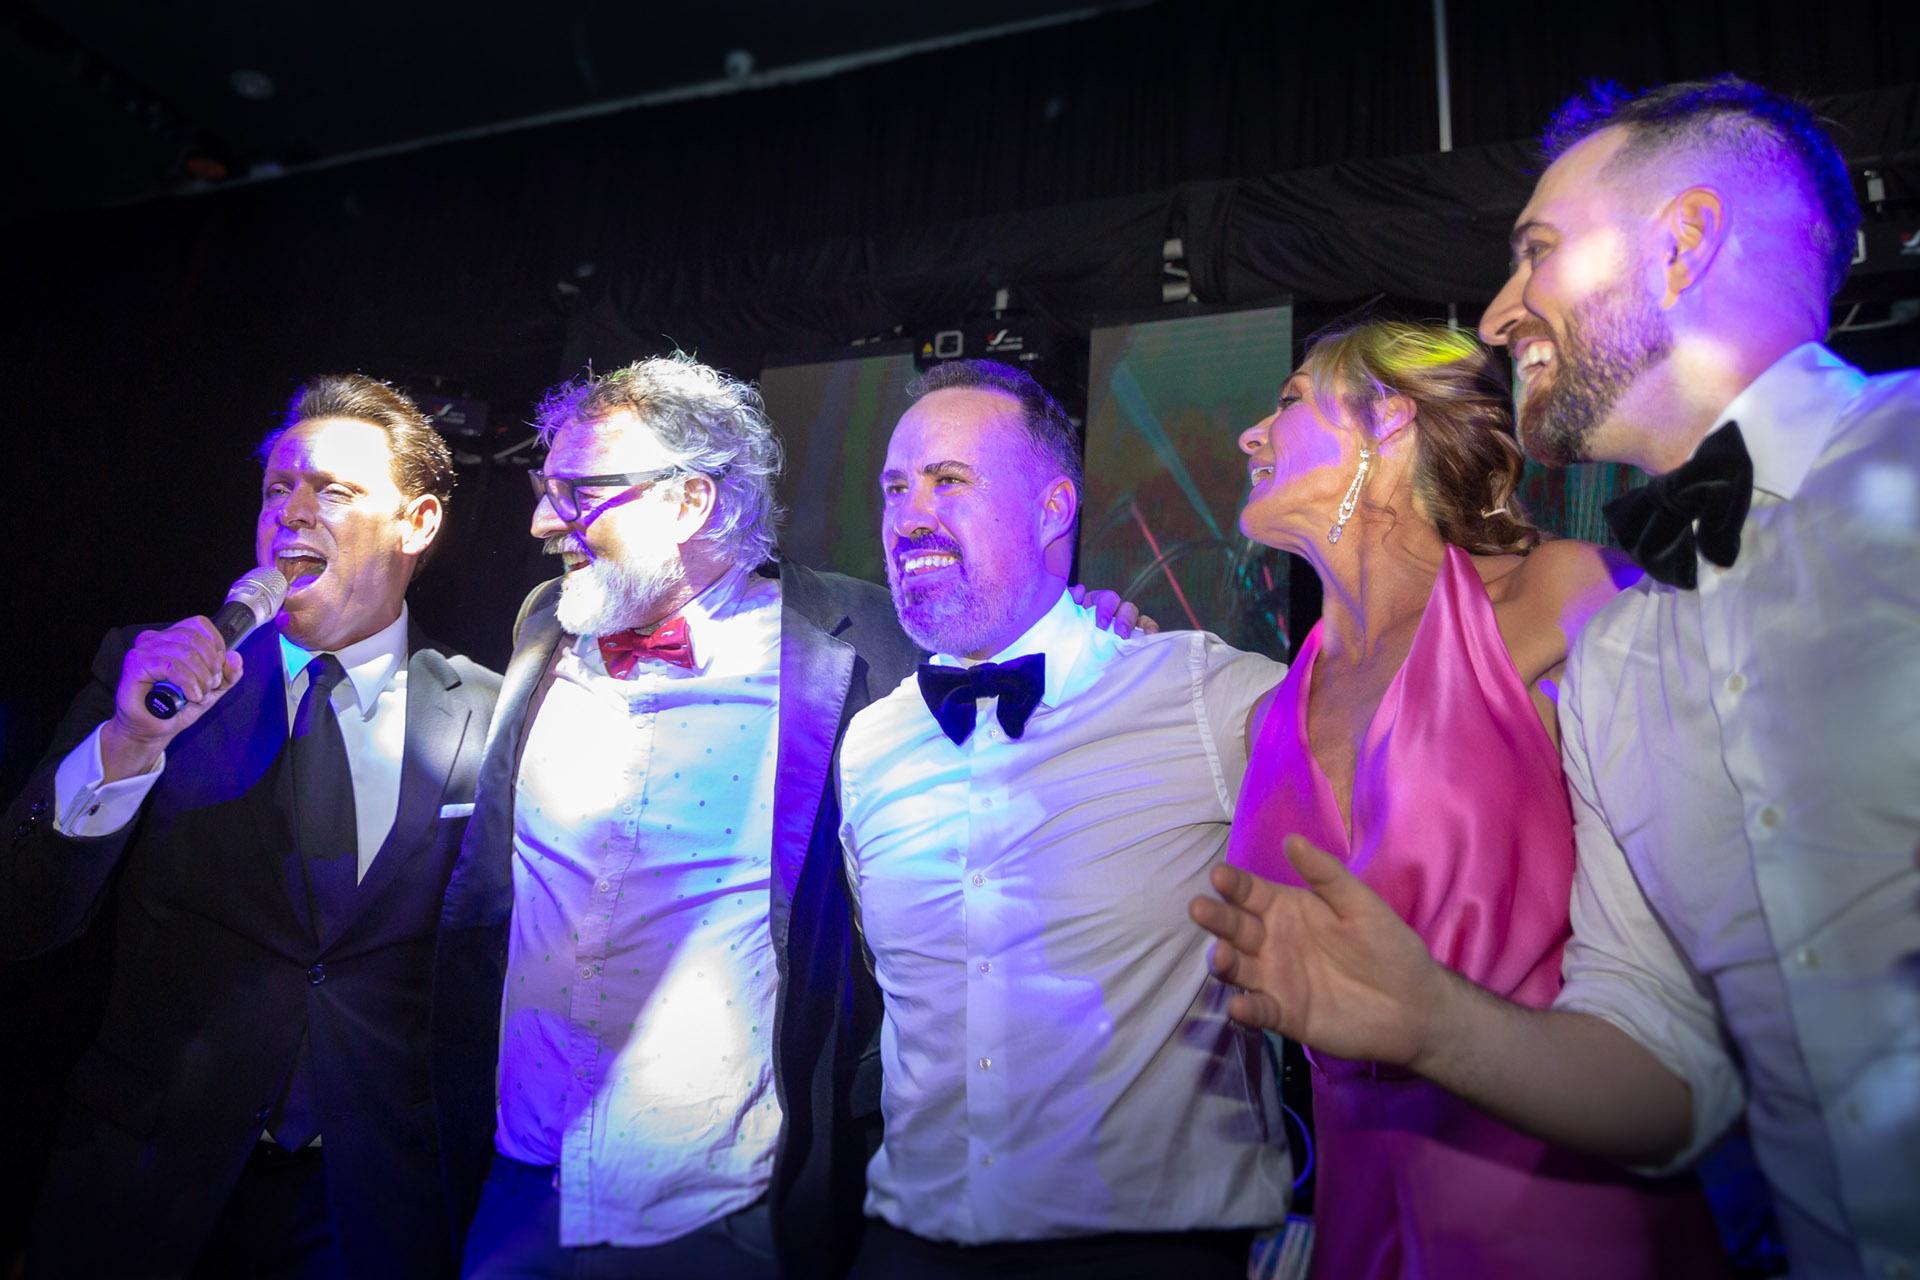 Los invitados se divirtieron con Luis Rey, el imitador de Luis Miguel. En la foto, los flamantes esposos bailando con Benito Fernández,y Paula Trapani